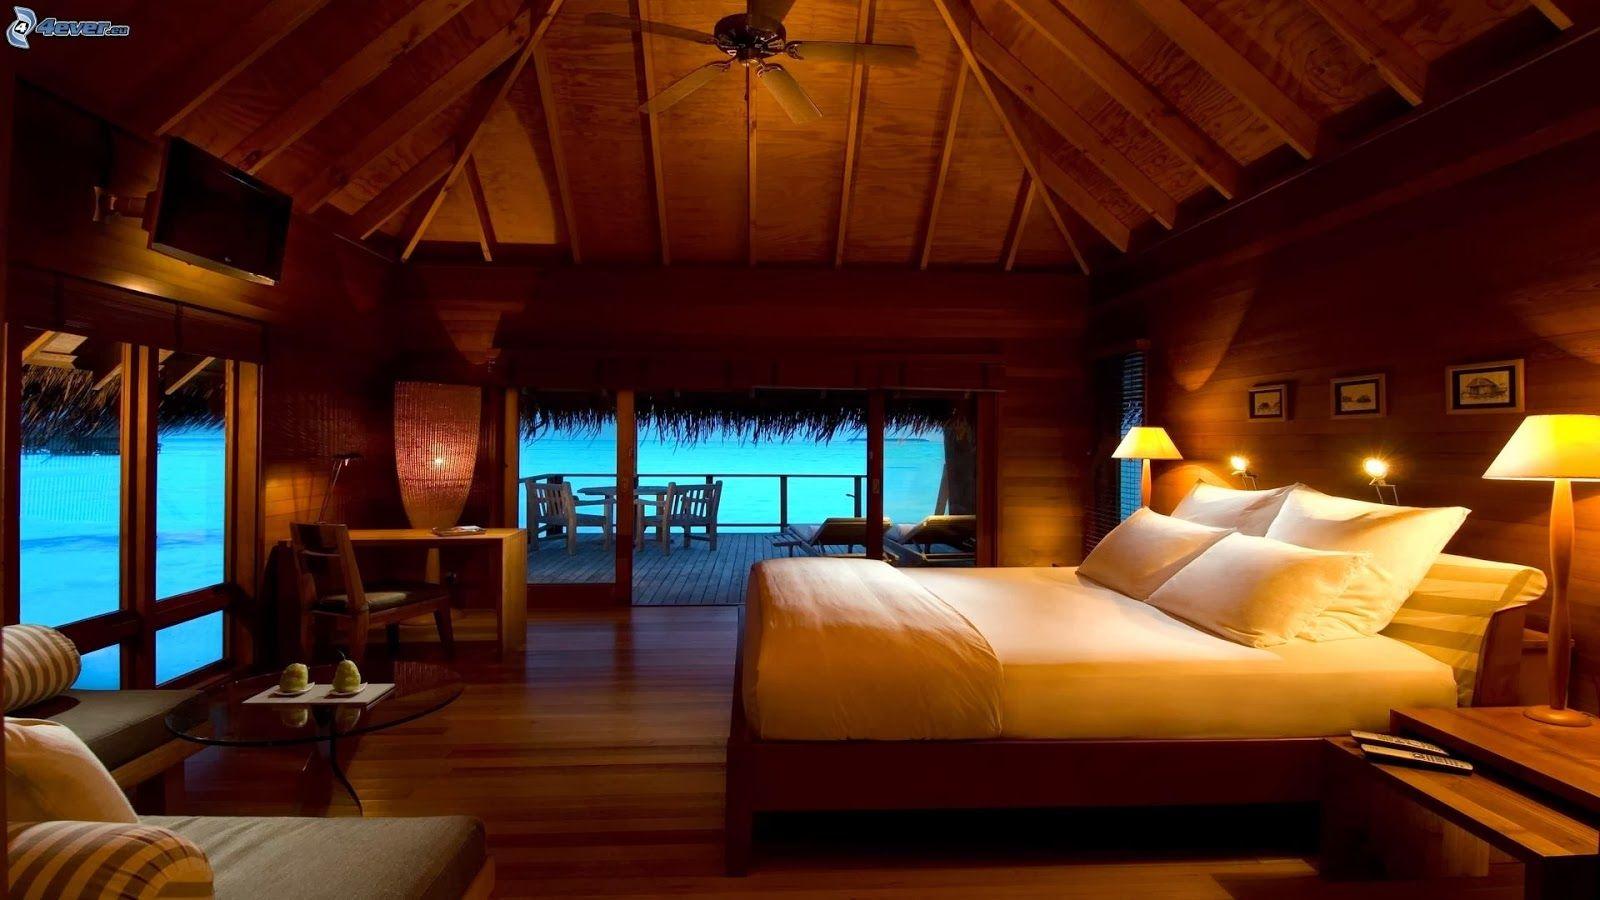 Stanze Da Letto Bellissime : Letto camere da letto bellissime stanze da letto bellissime